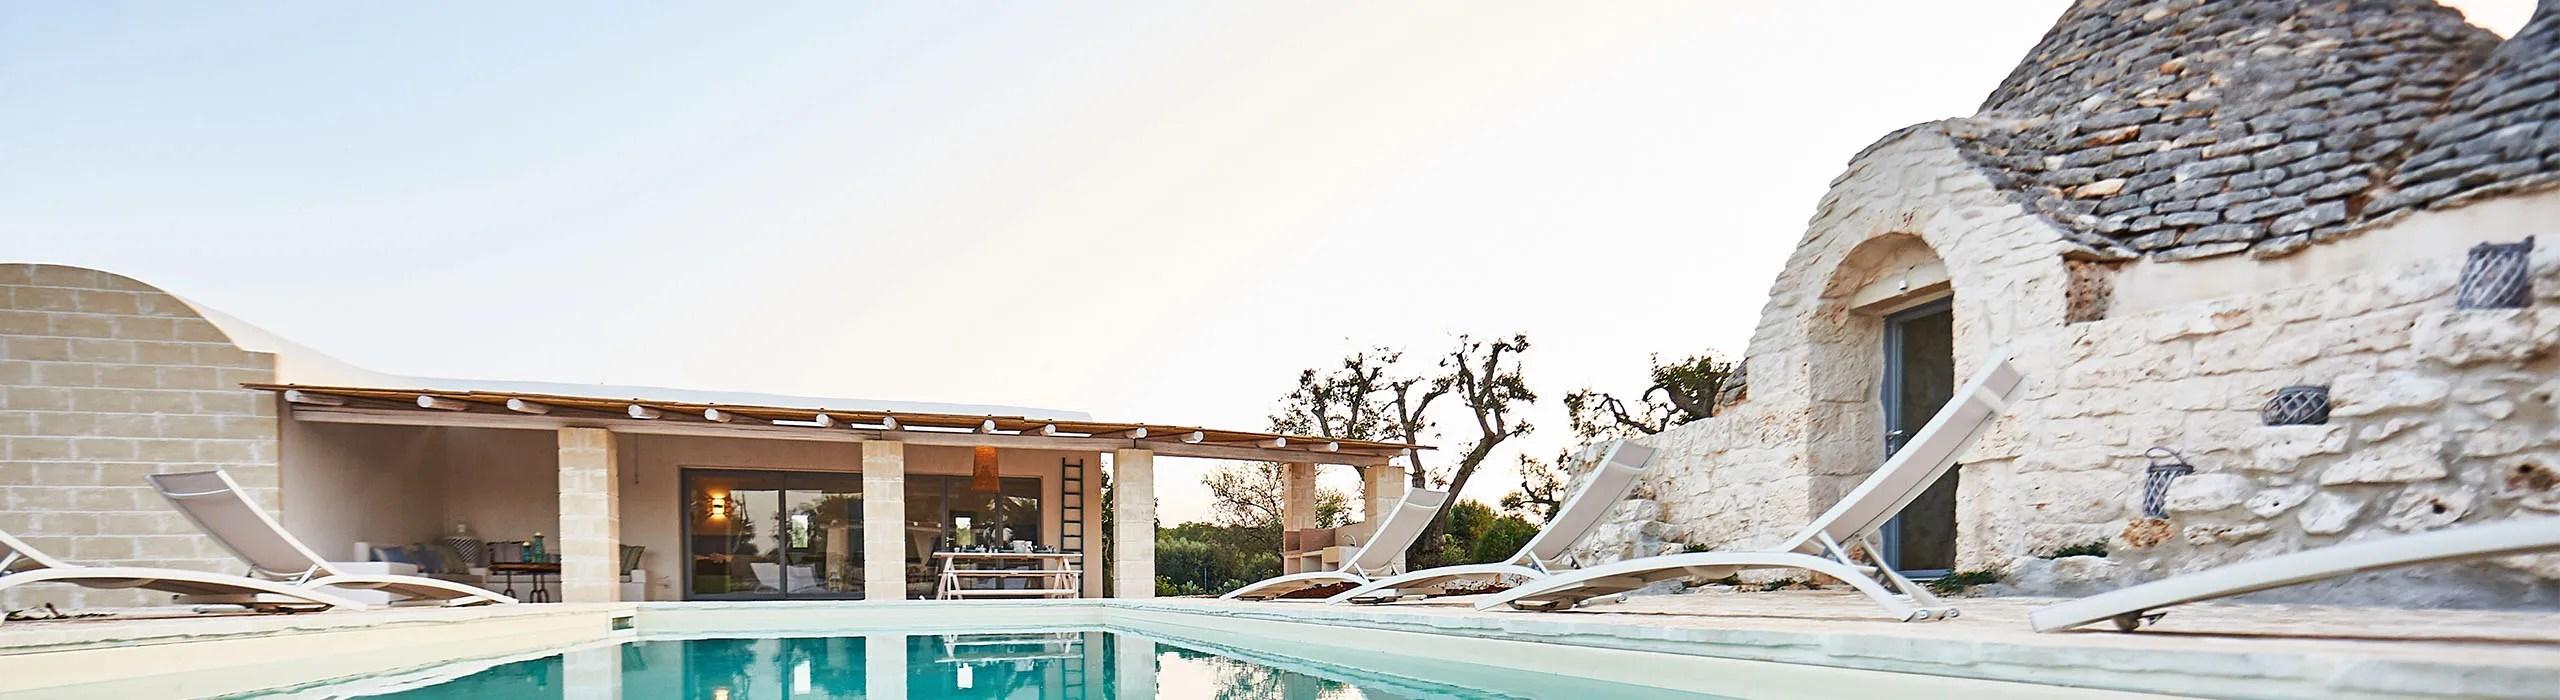 Trullo Oleum luxury stay Puglia